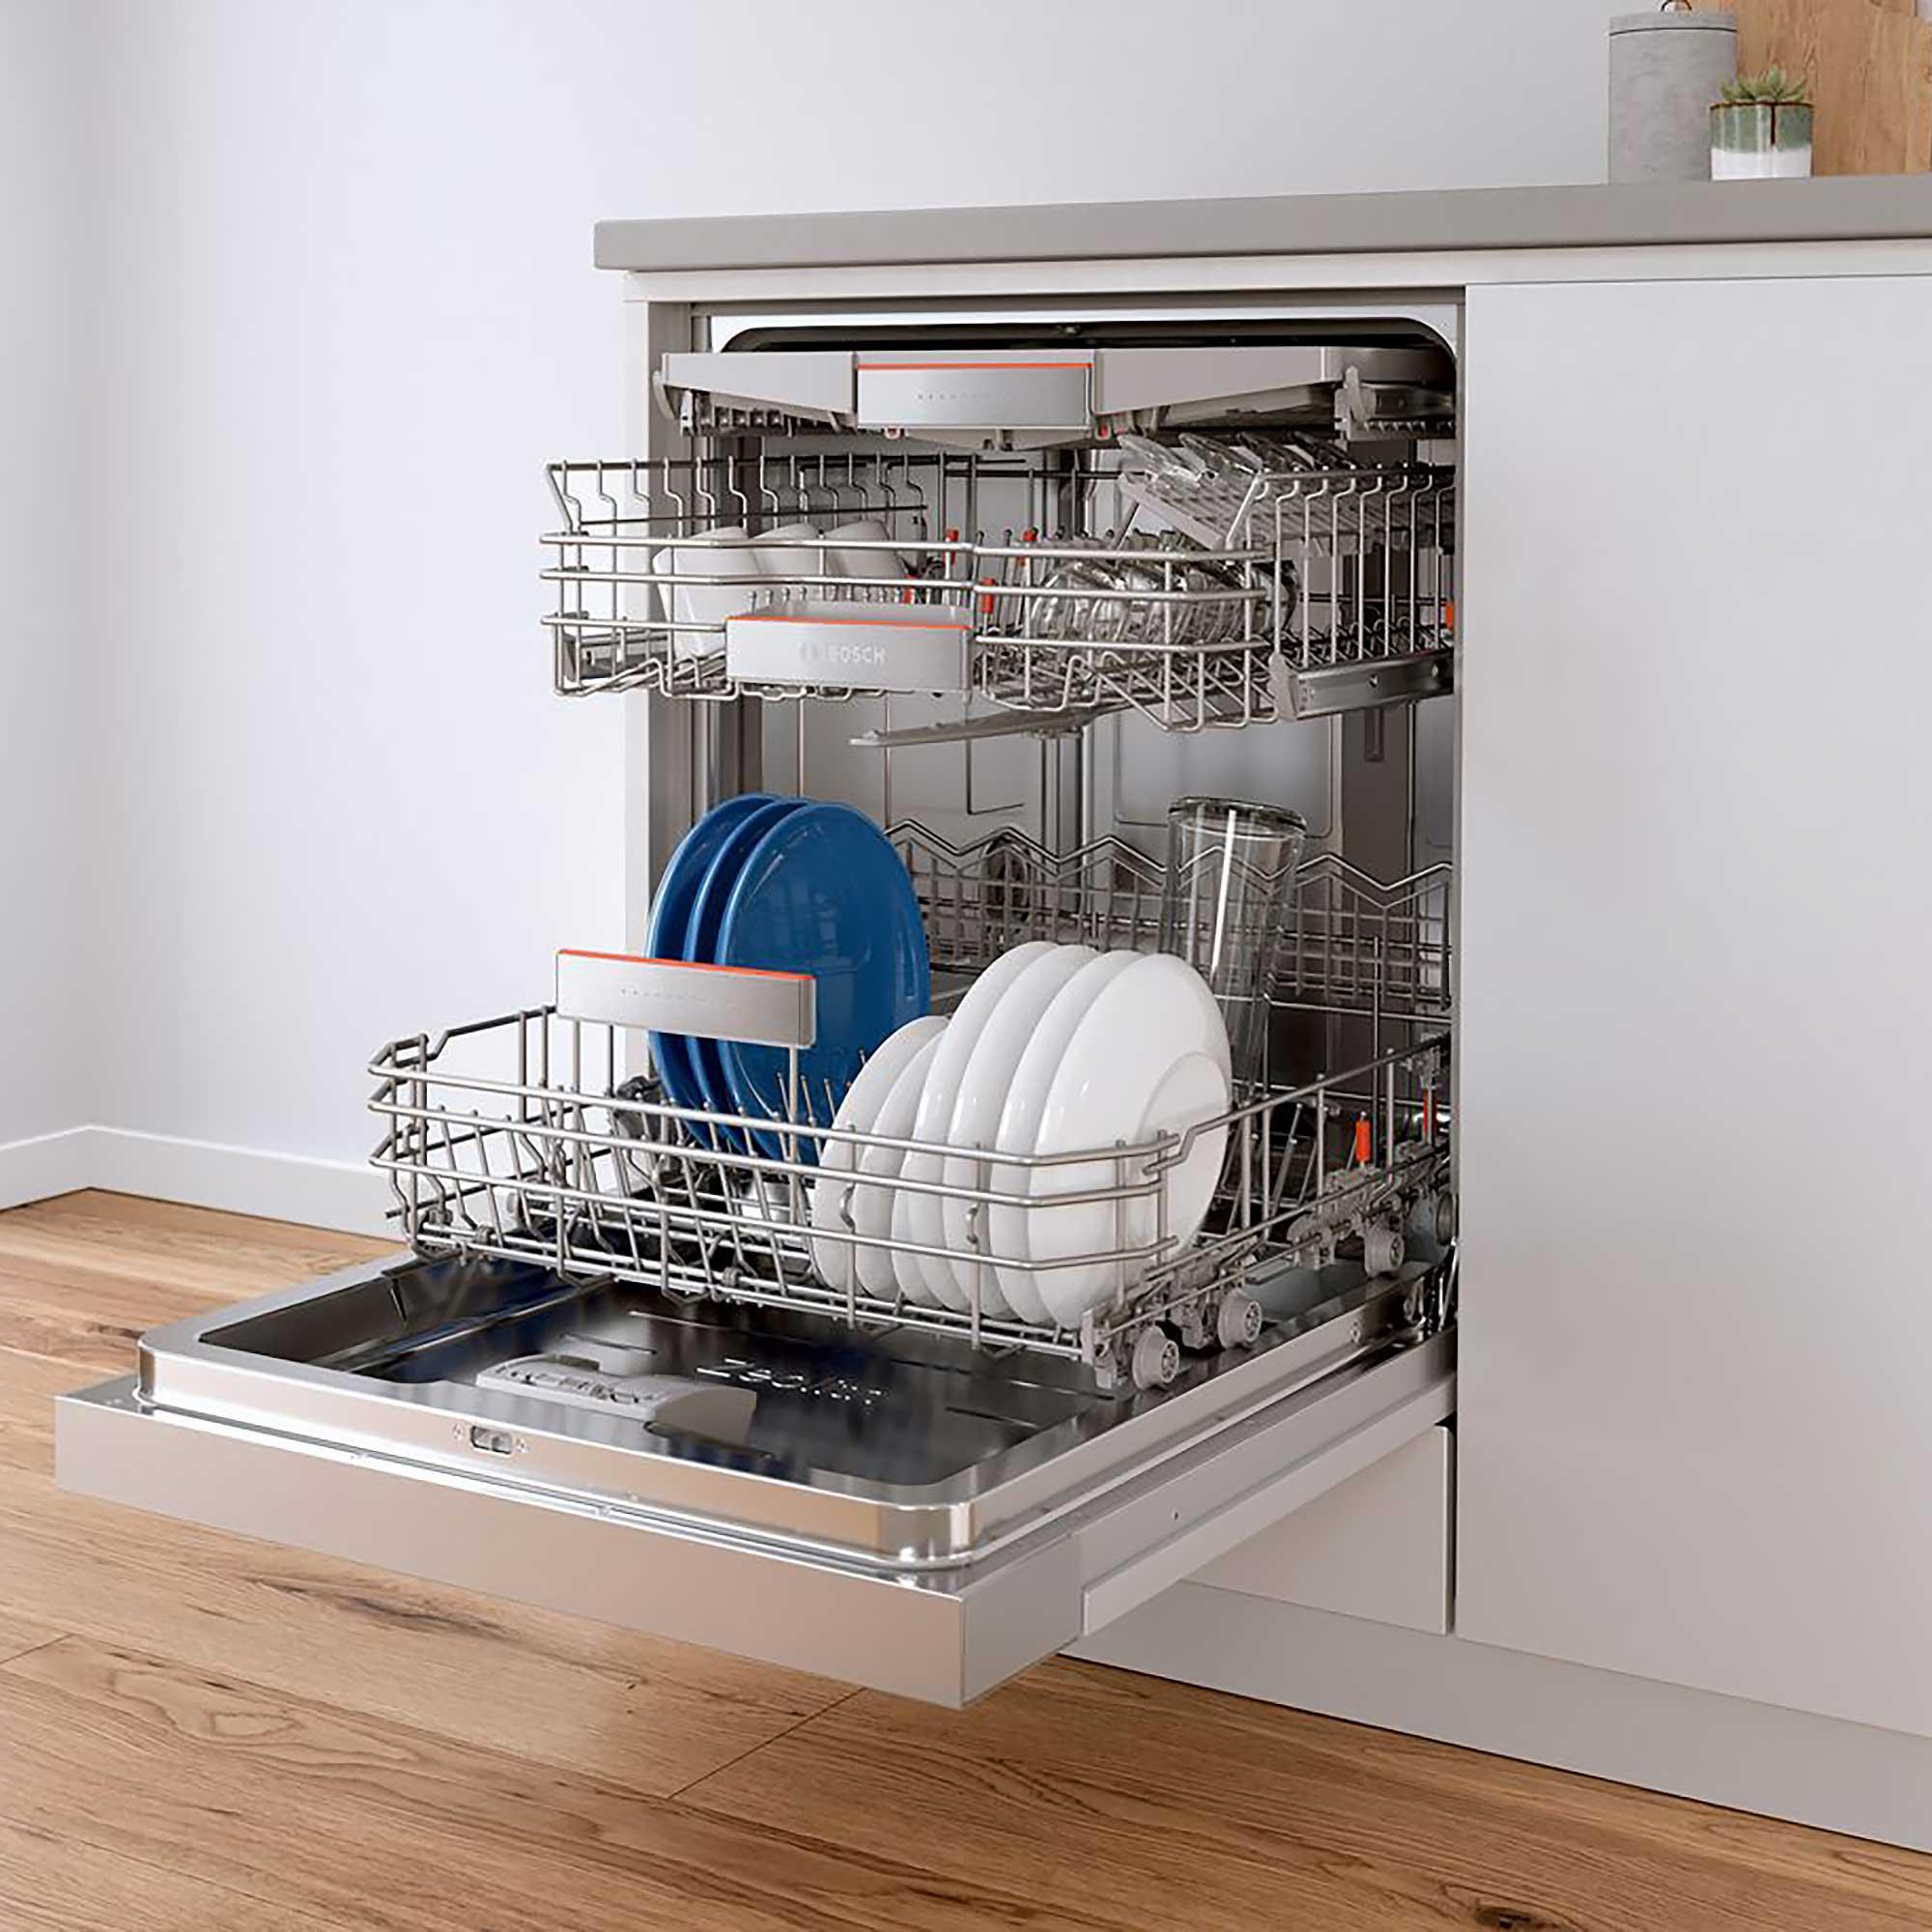 Bosch dishwasher home appliances